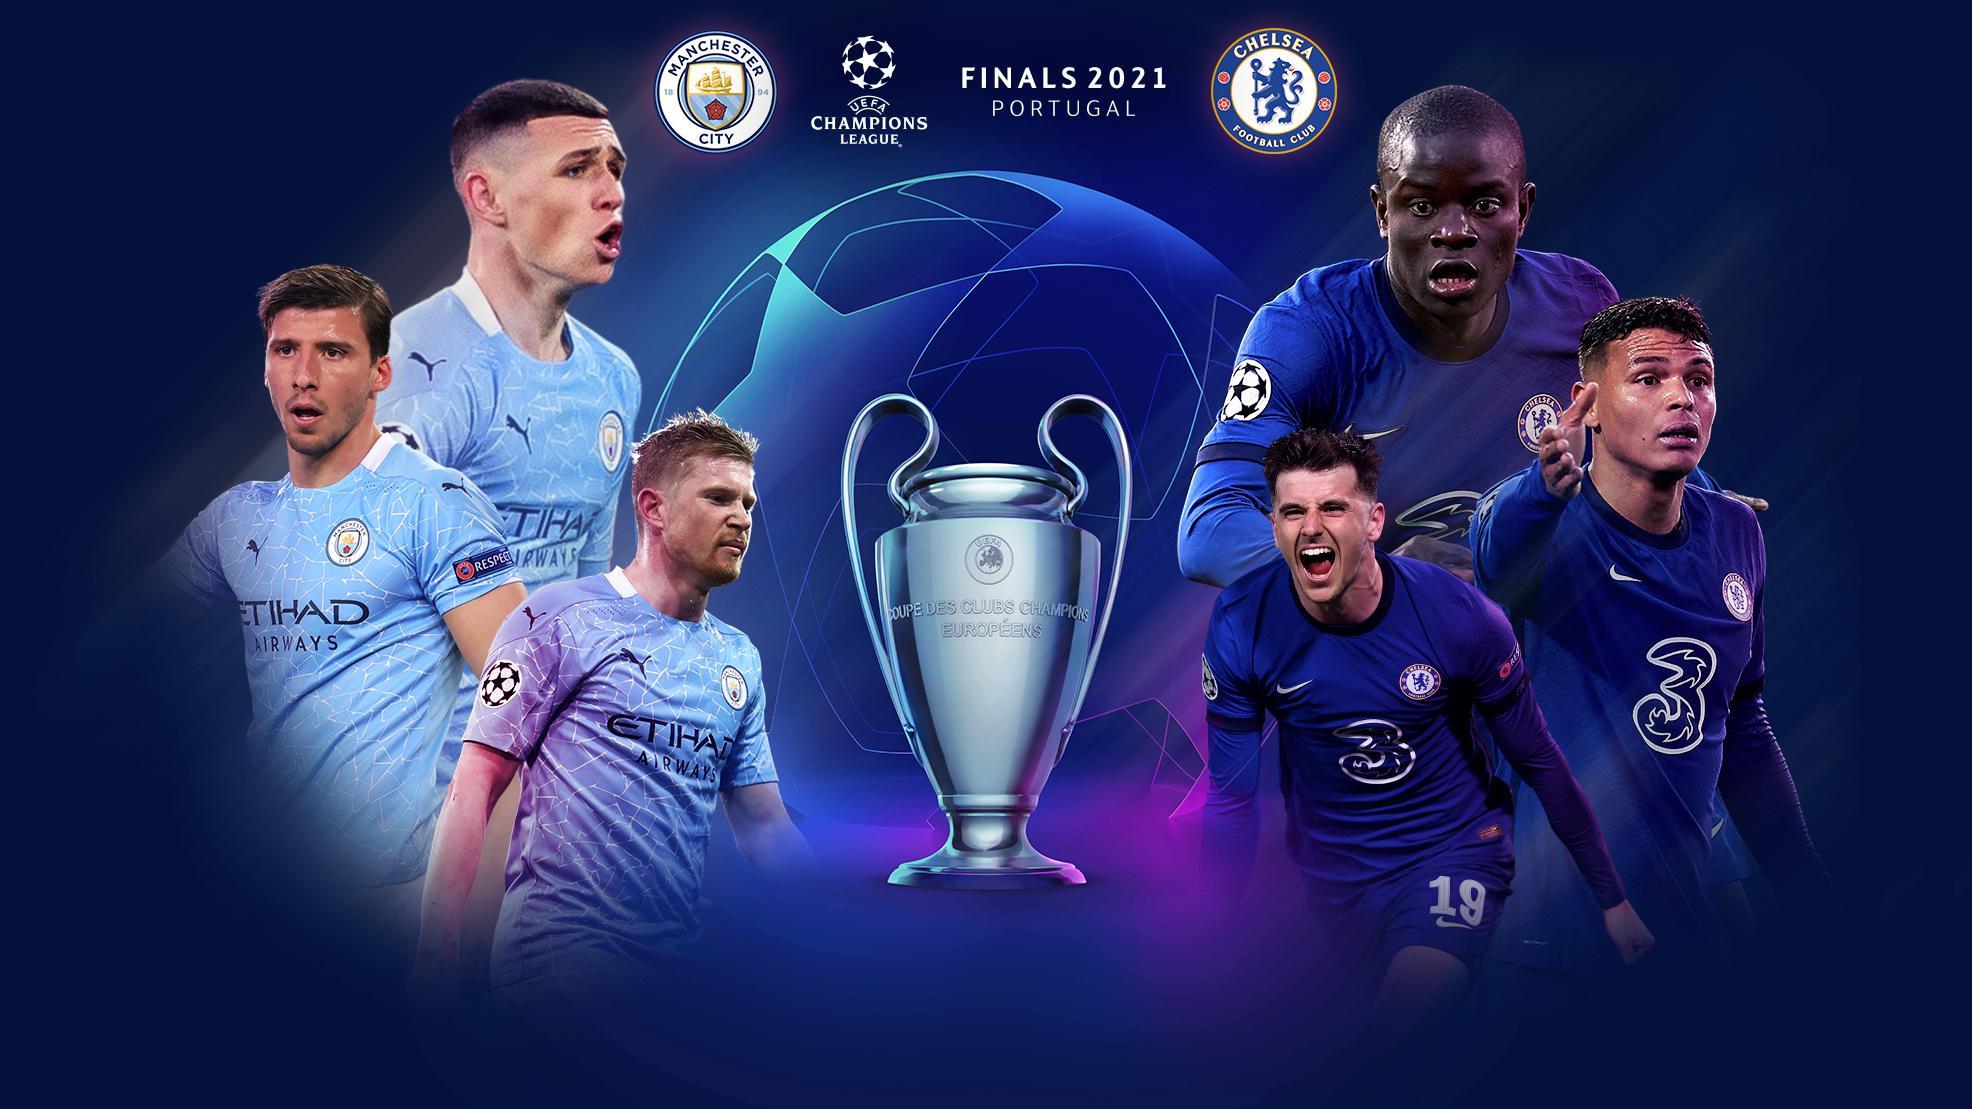 UEFA Champions League Final: Chelsea vs. Manchester City